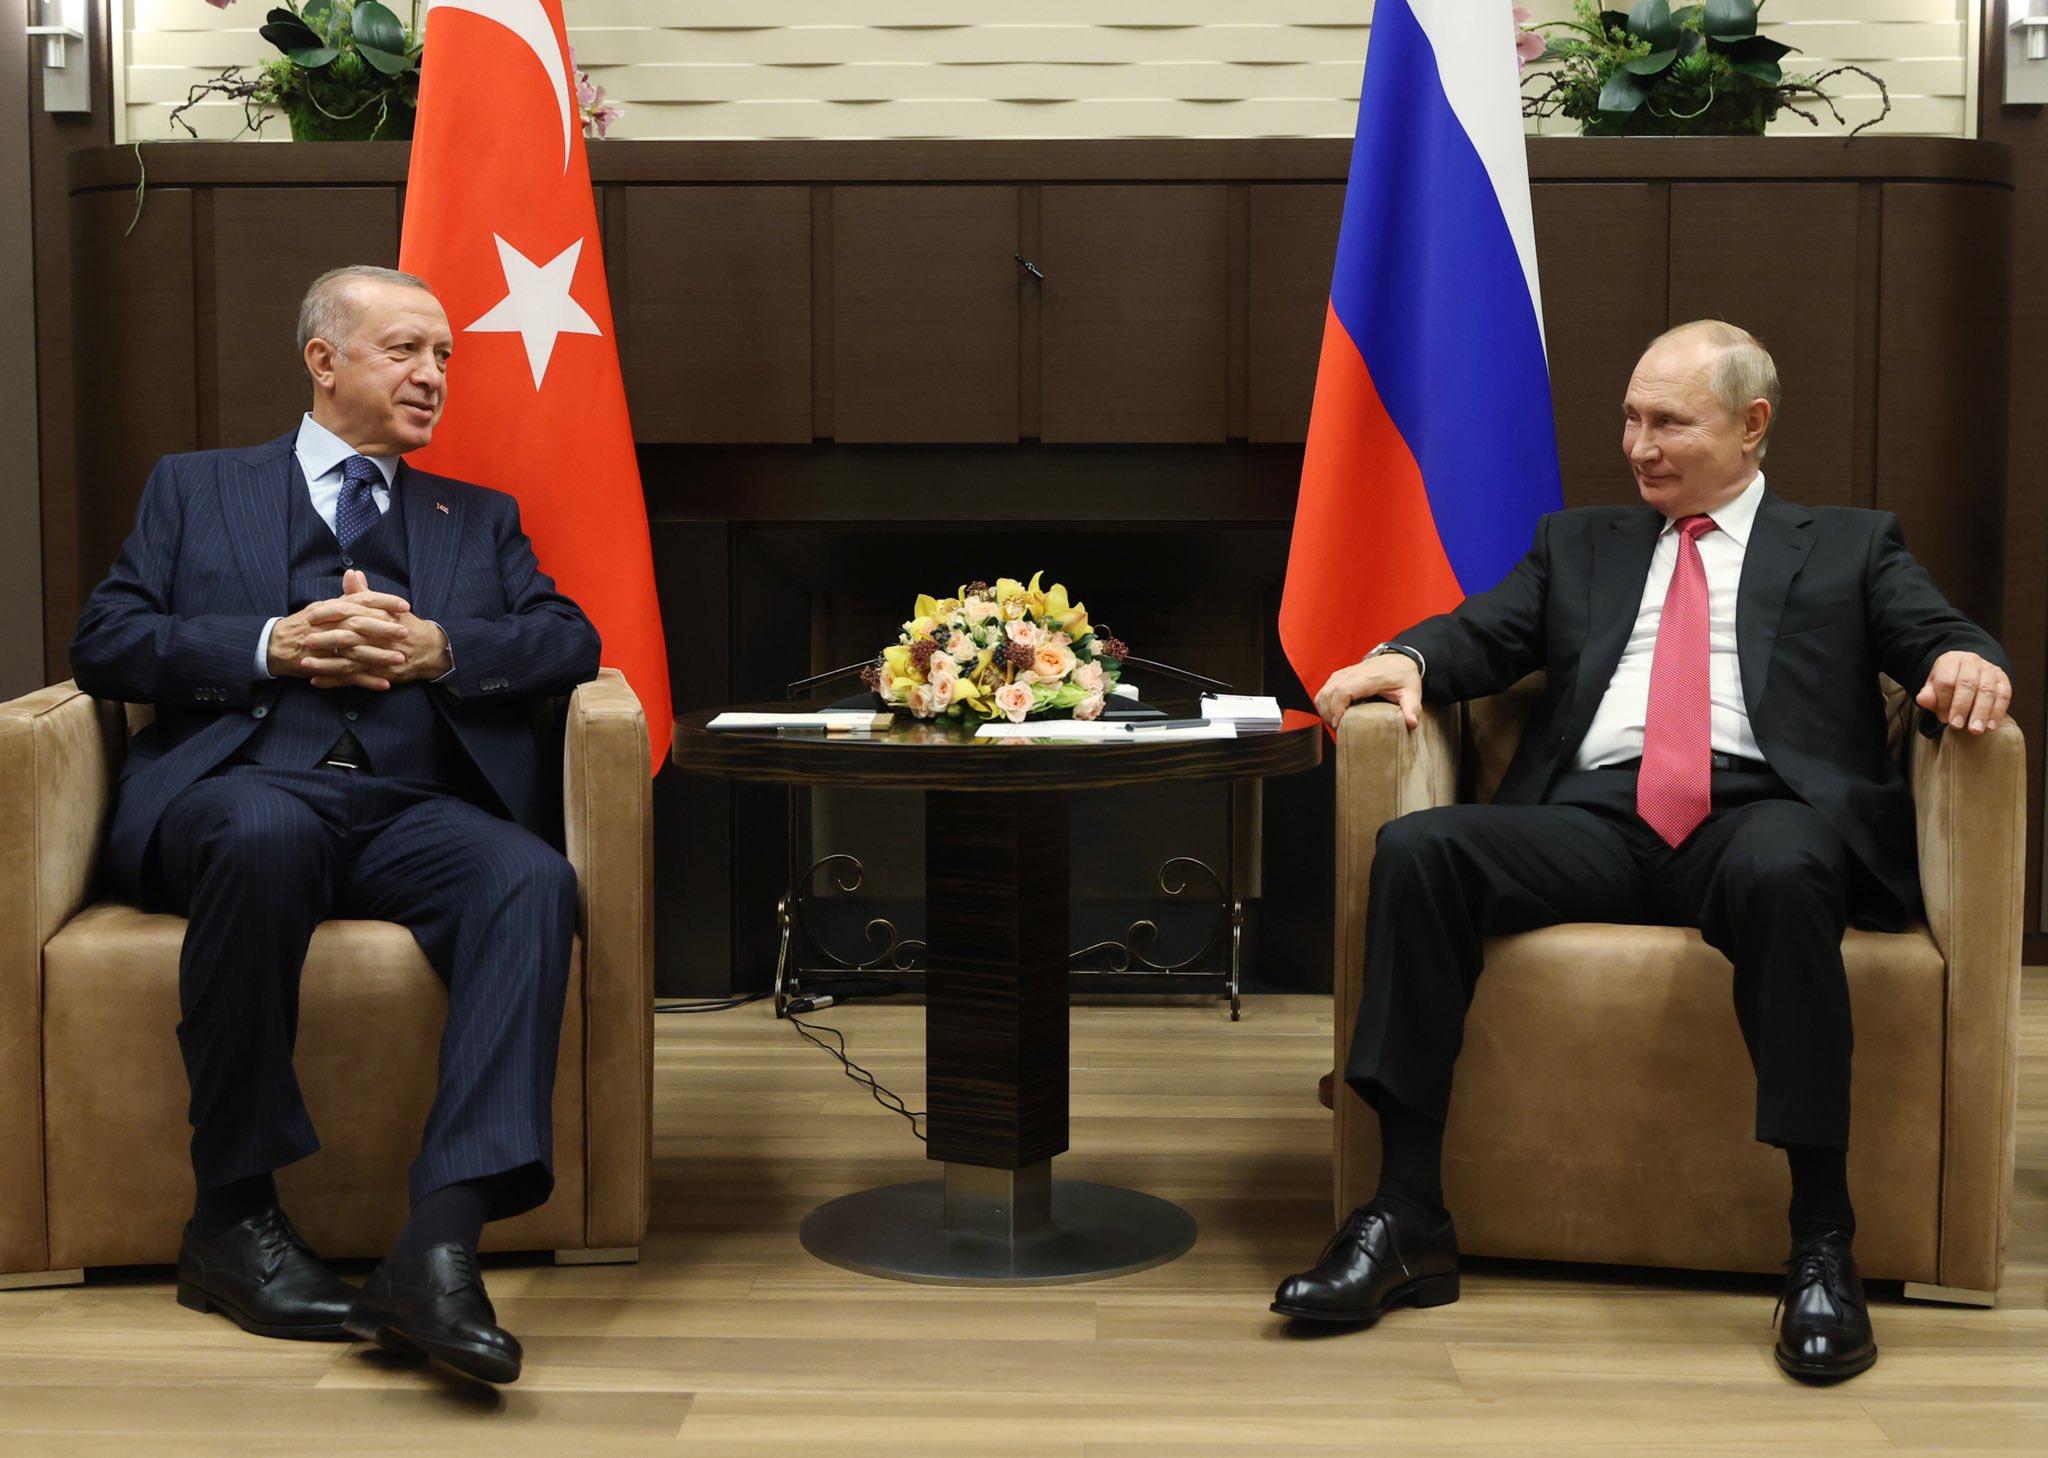 Ρωσία-Τουρκία: βαριές σκιές πάνω από το Σότσι, παρά τα χαμόγελα